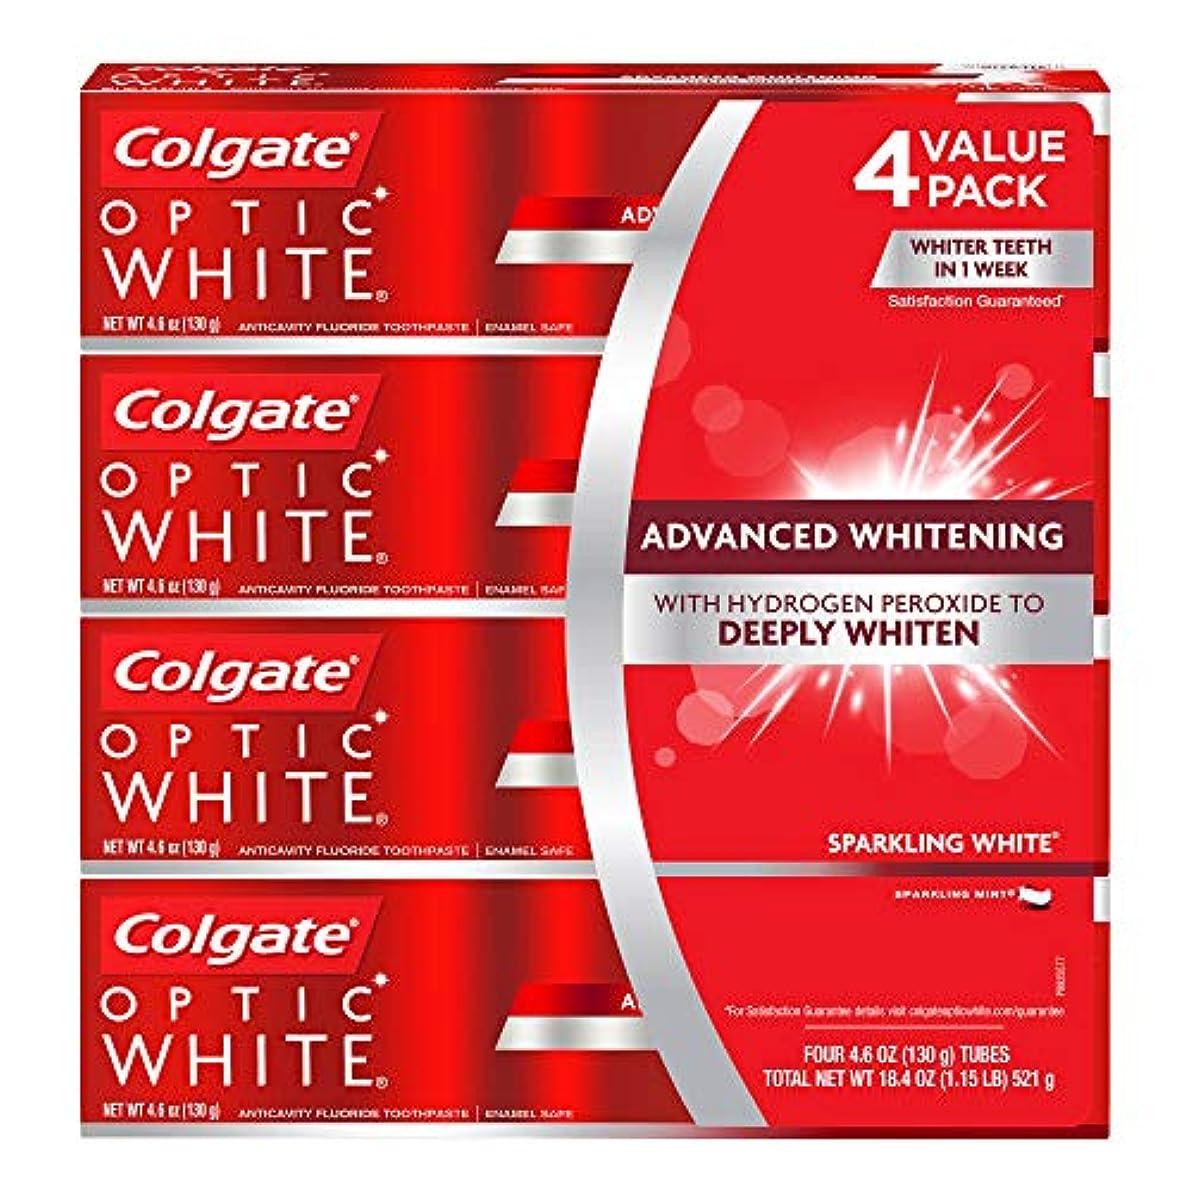 支店鯨フロント海外直送品 コルゲートオプティックホワイトスパークリングホワイト 歯磨き粉 Colgate Optic White Sparkling White Toothpaste, Sparkling Mint (4.6 oz, 5 pk.) 130gx5本